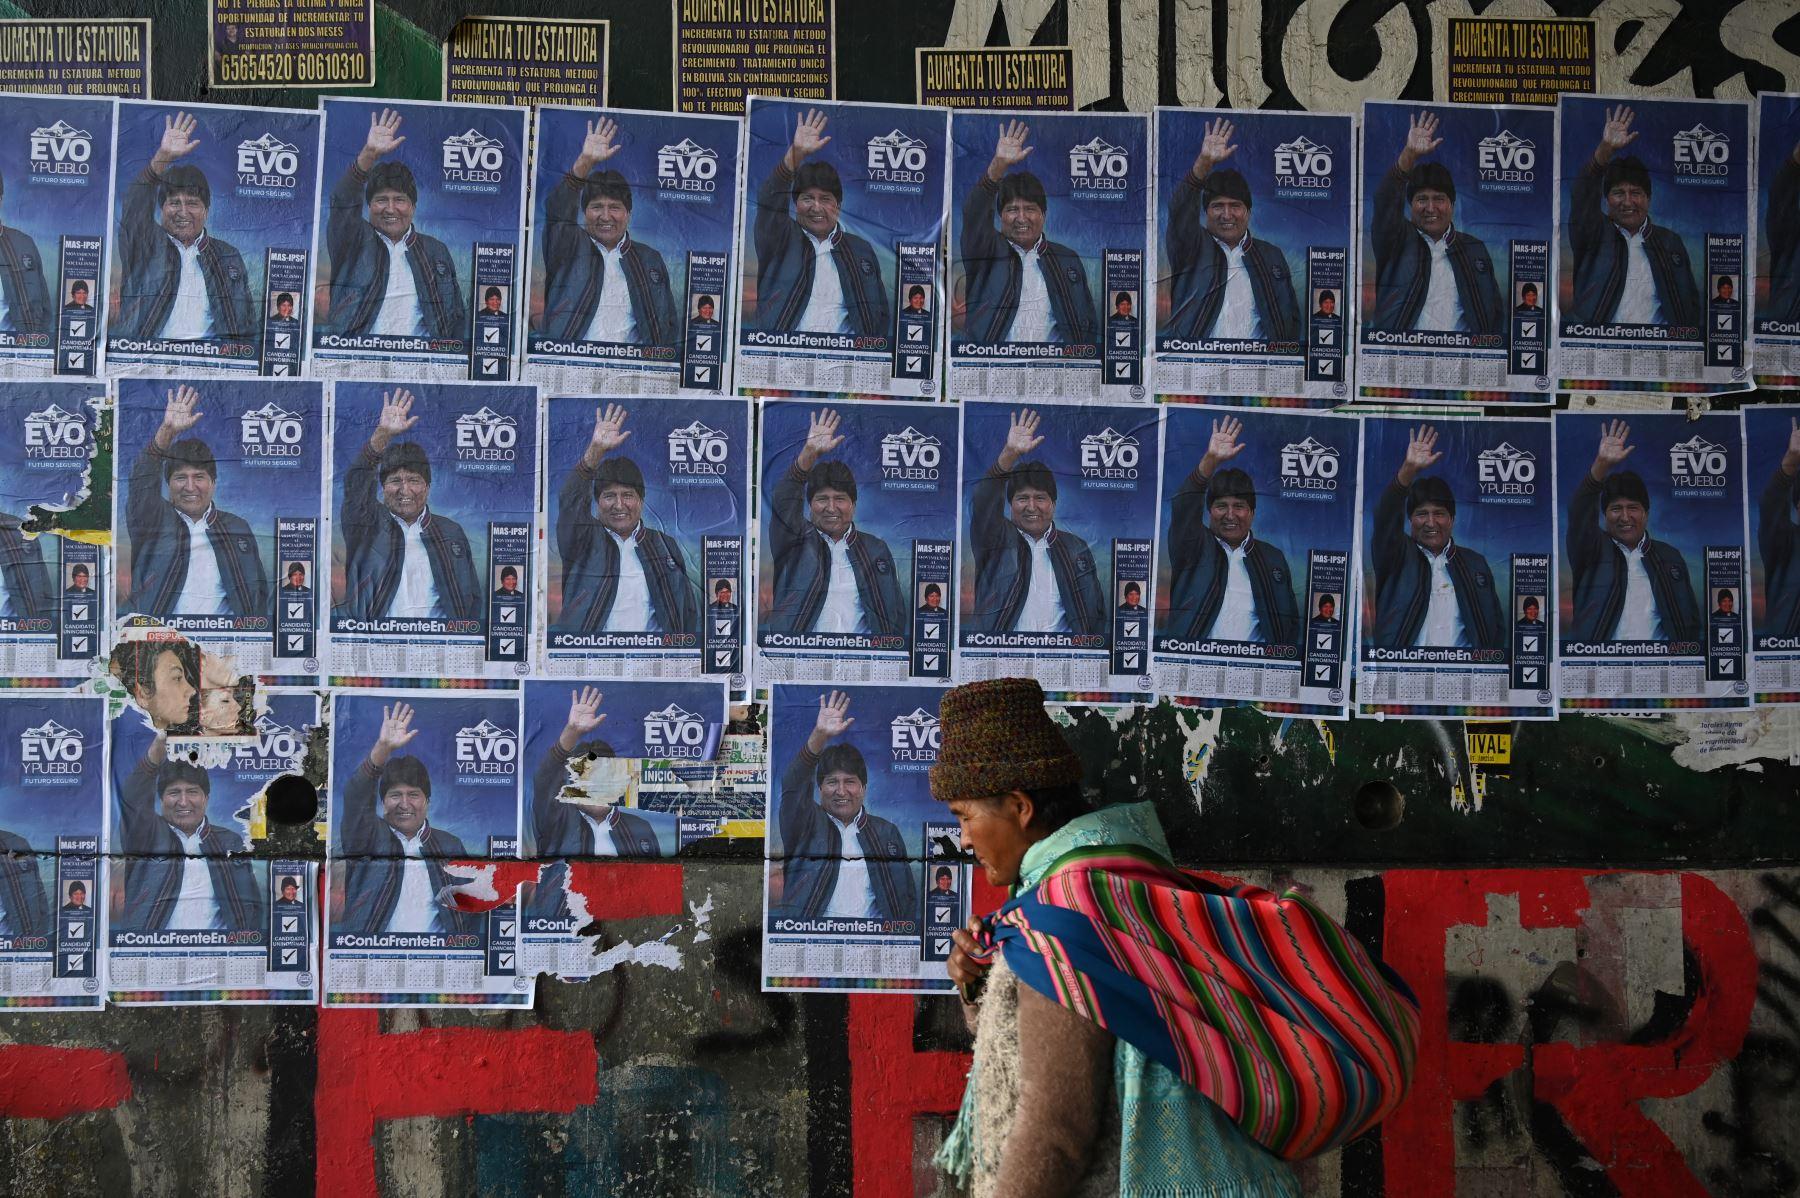 Bolivianos emiten su voto para elegir nuevo presidente en su país. Foto: AFP